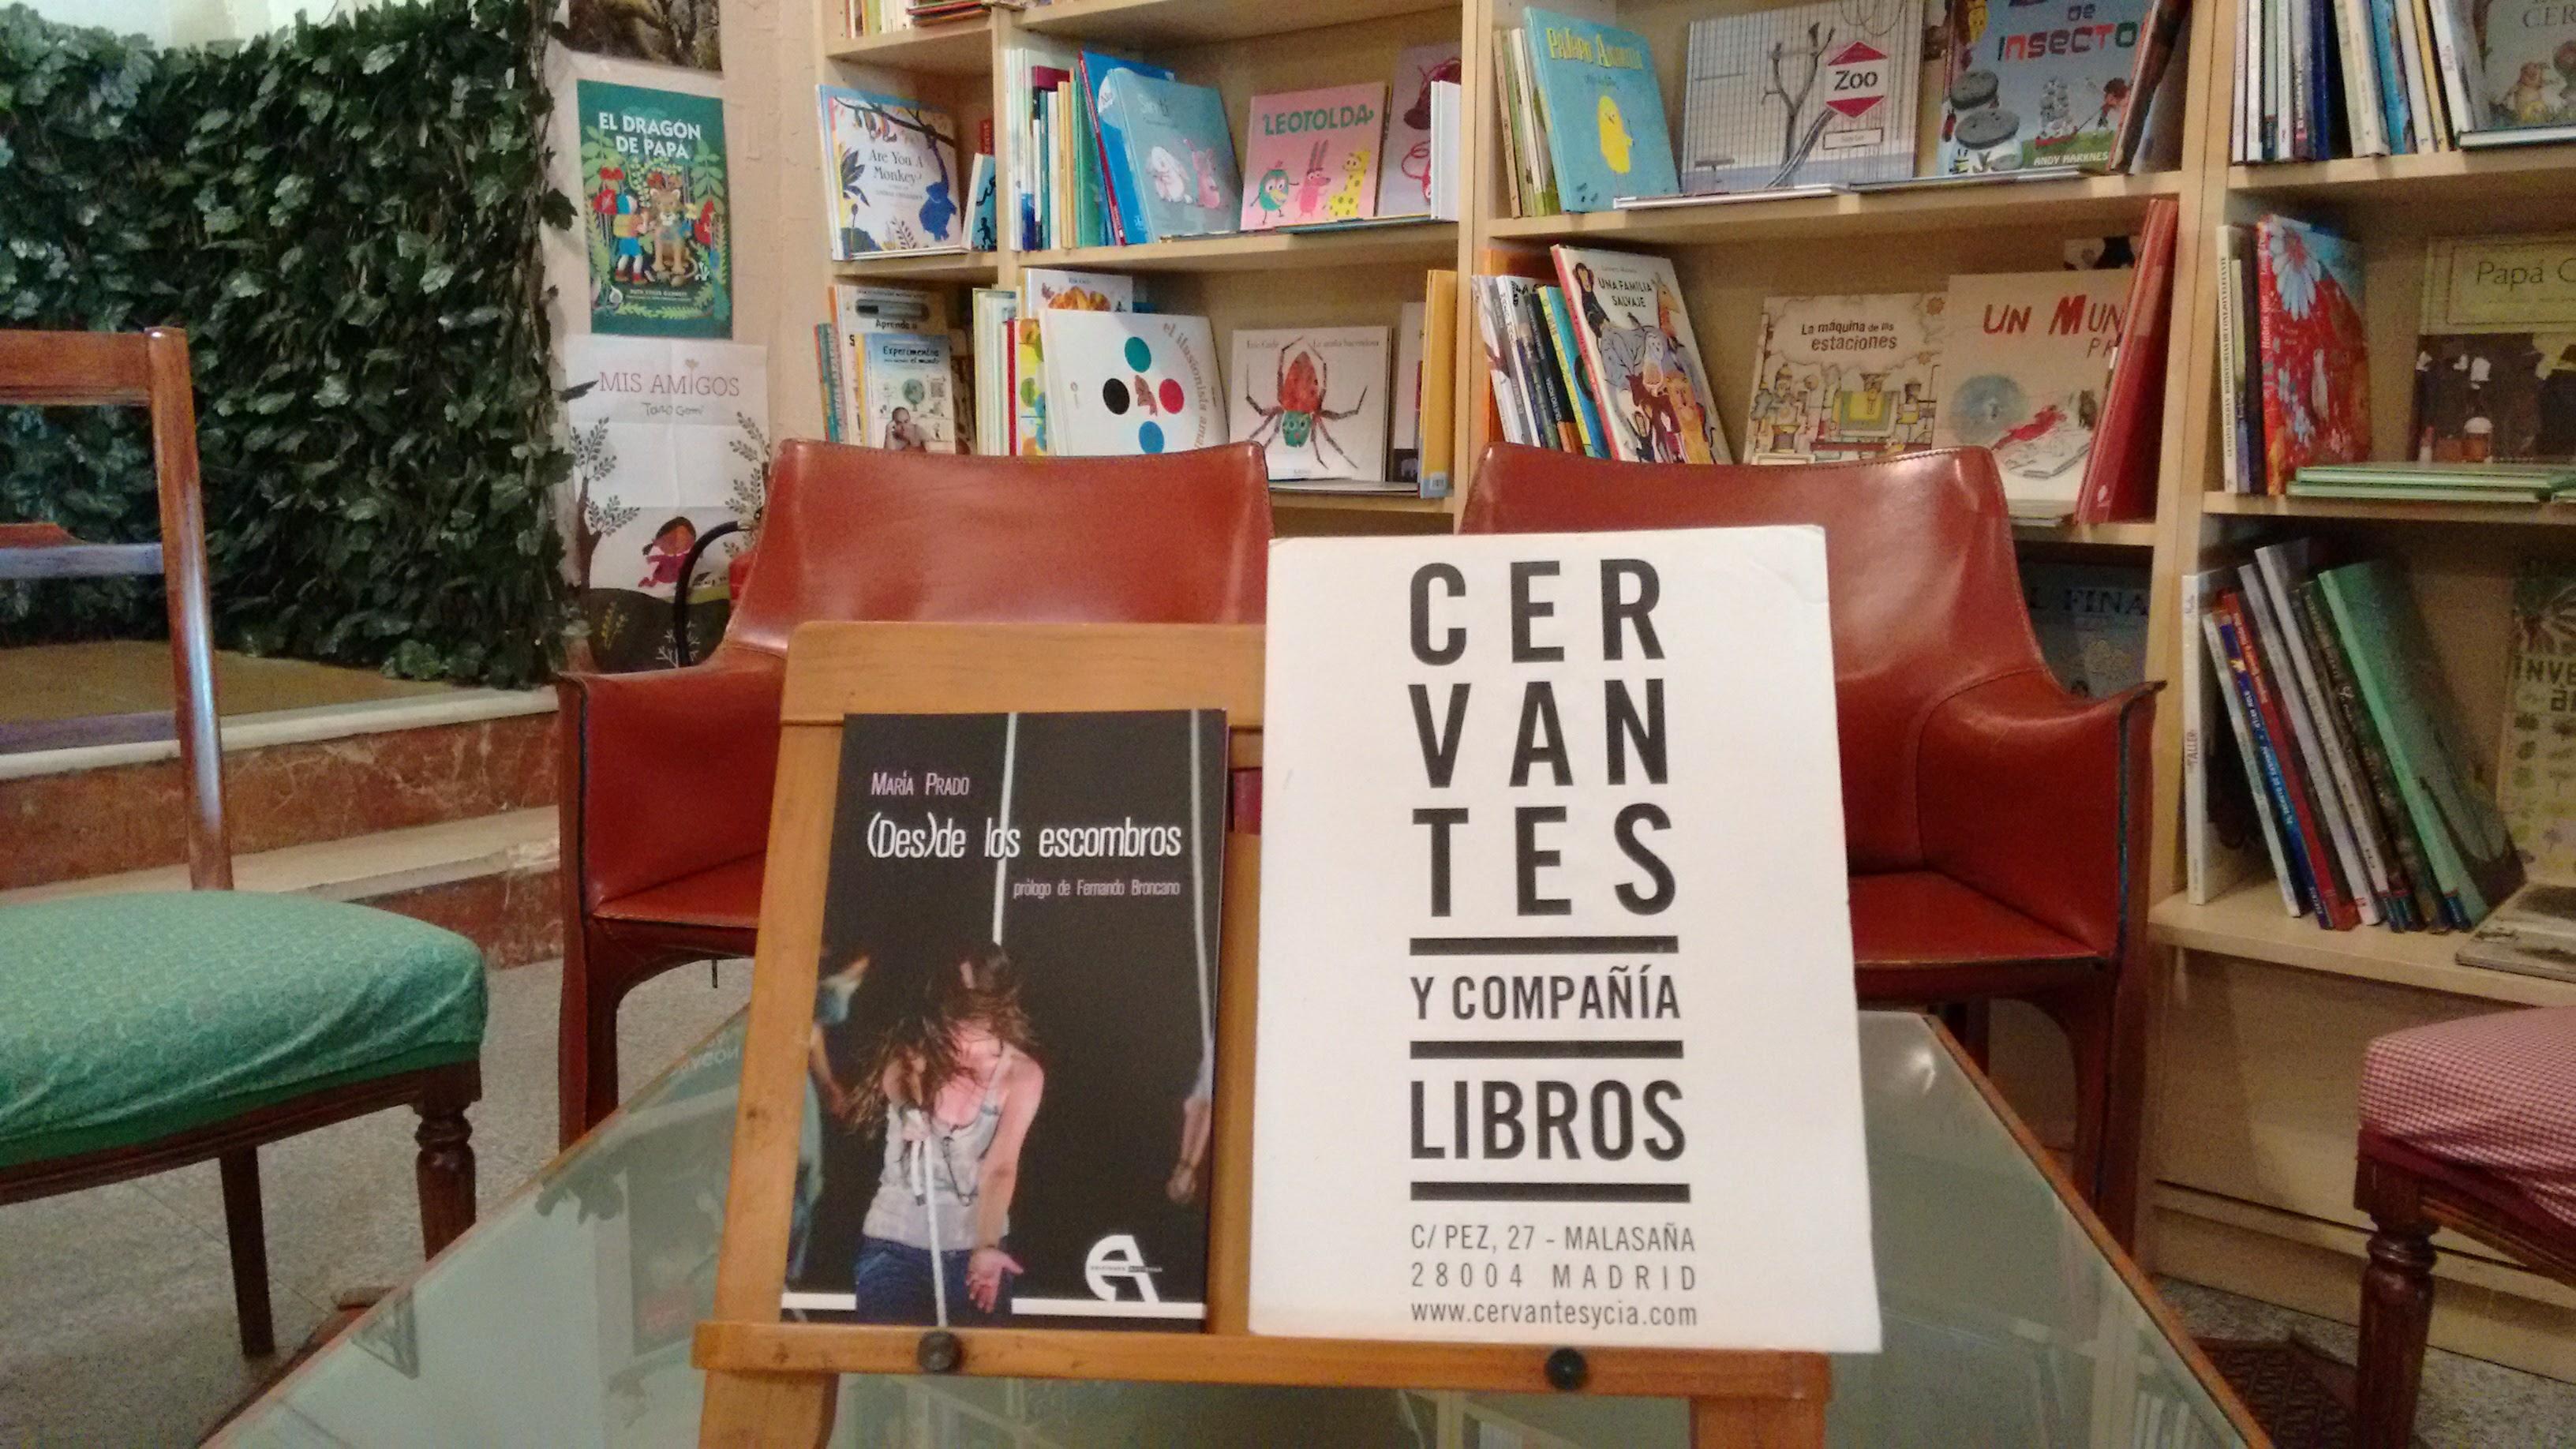 Presentación de «(Des)de los escombros» de María Prado